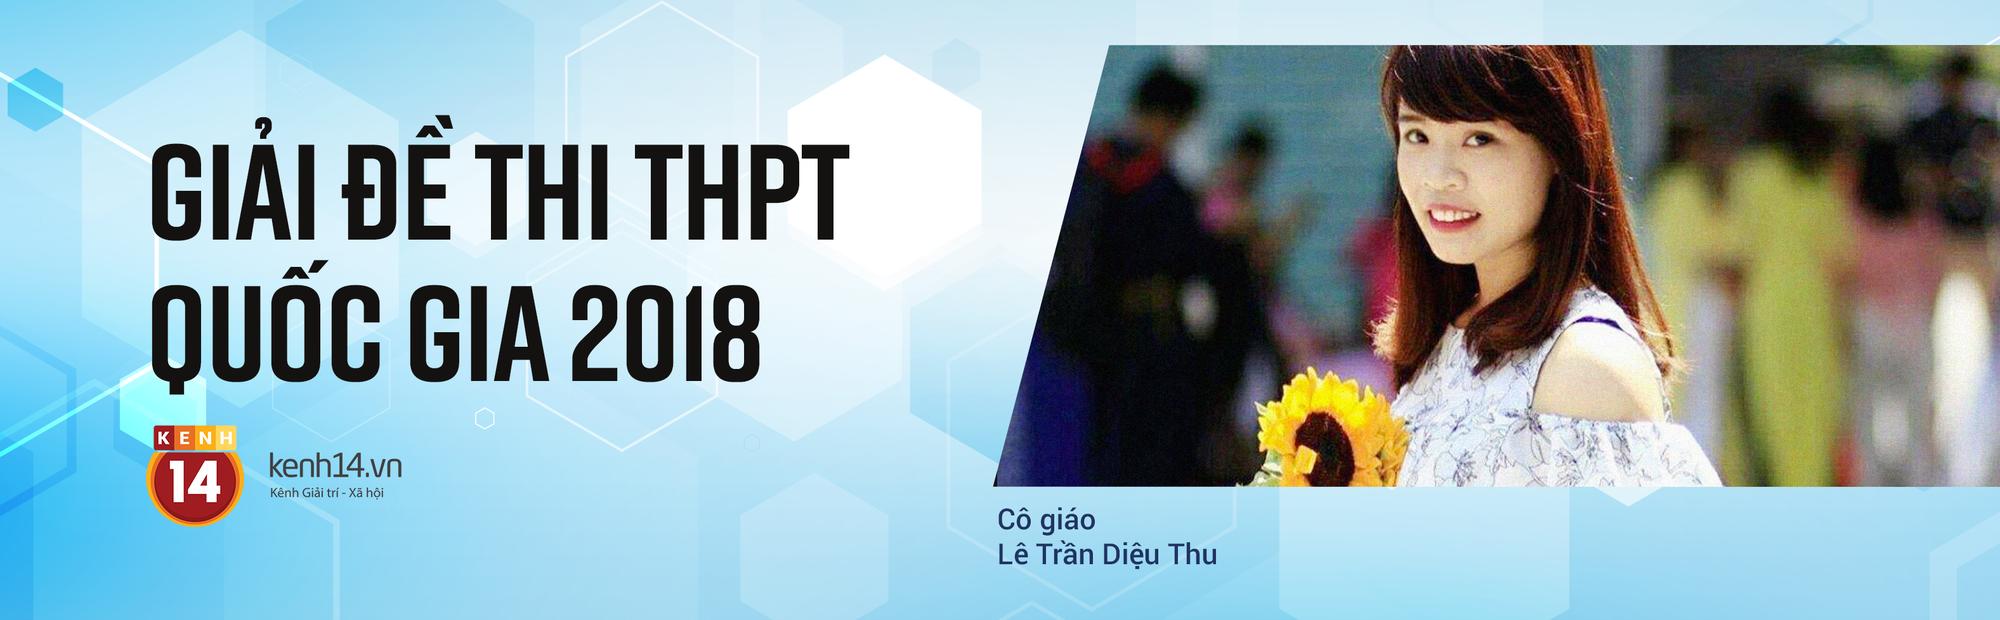 Gợi ý giải đề thi THPT Quốc gia môn Ngữ Văn - Ảnh 9.